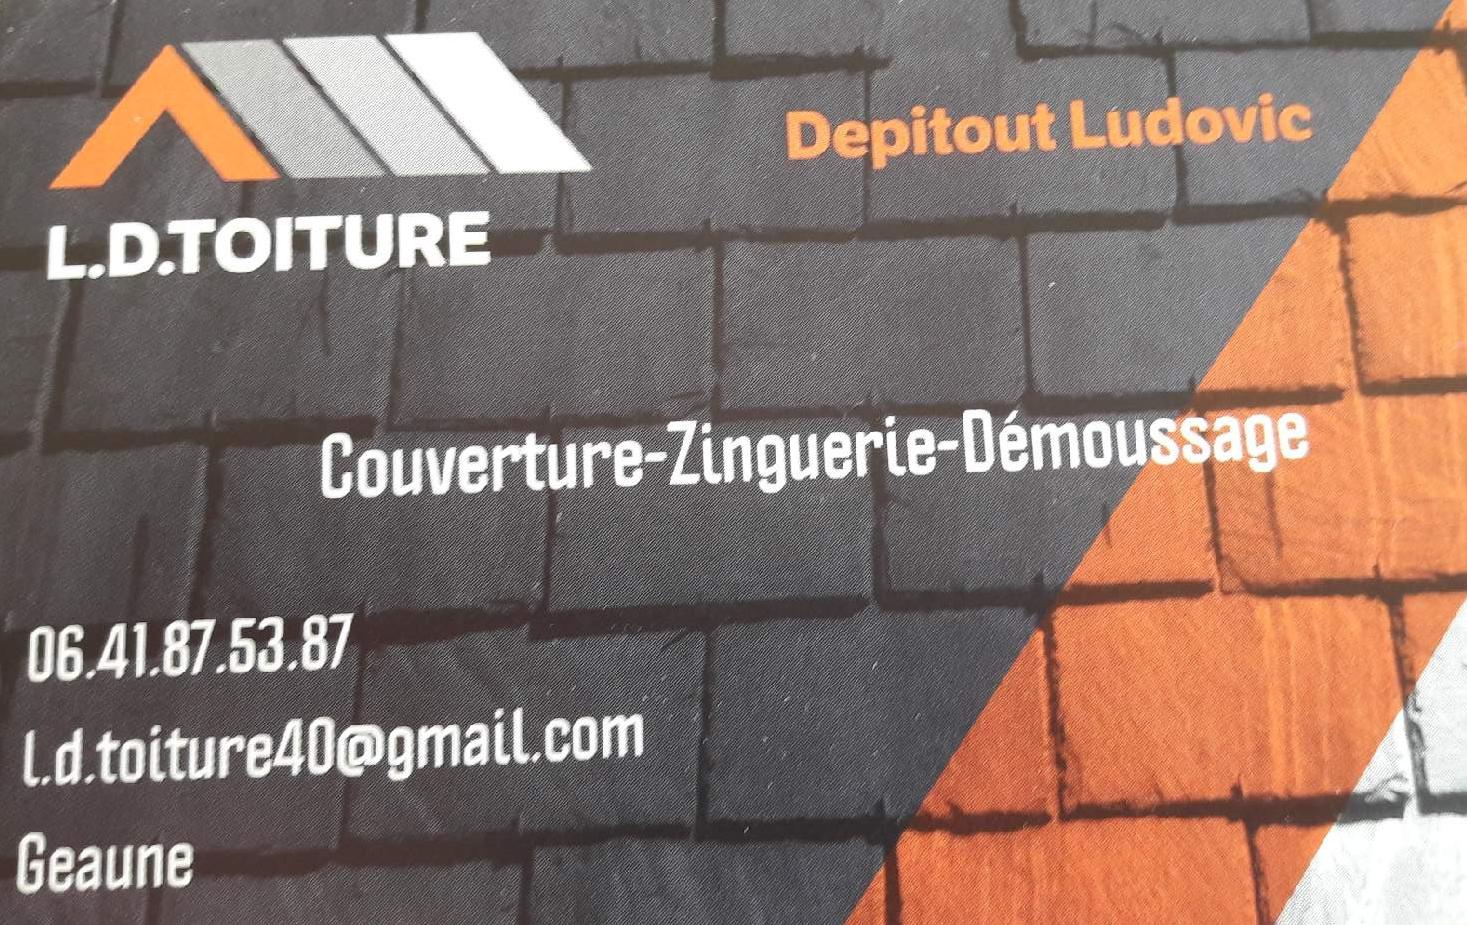 Carte Depitout.png